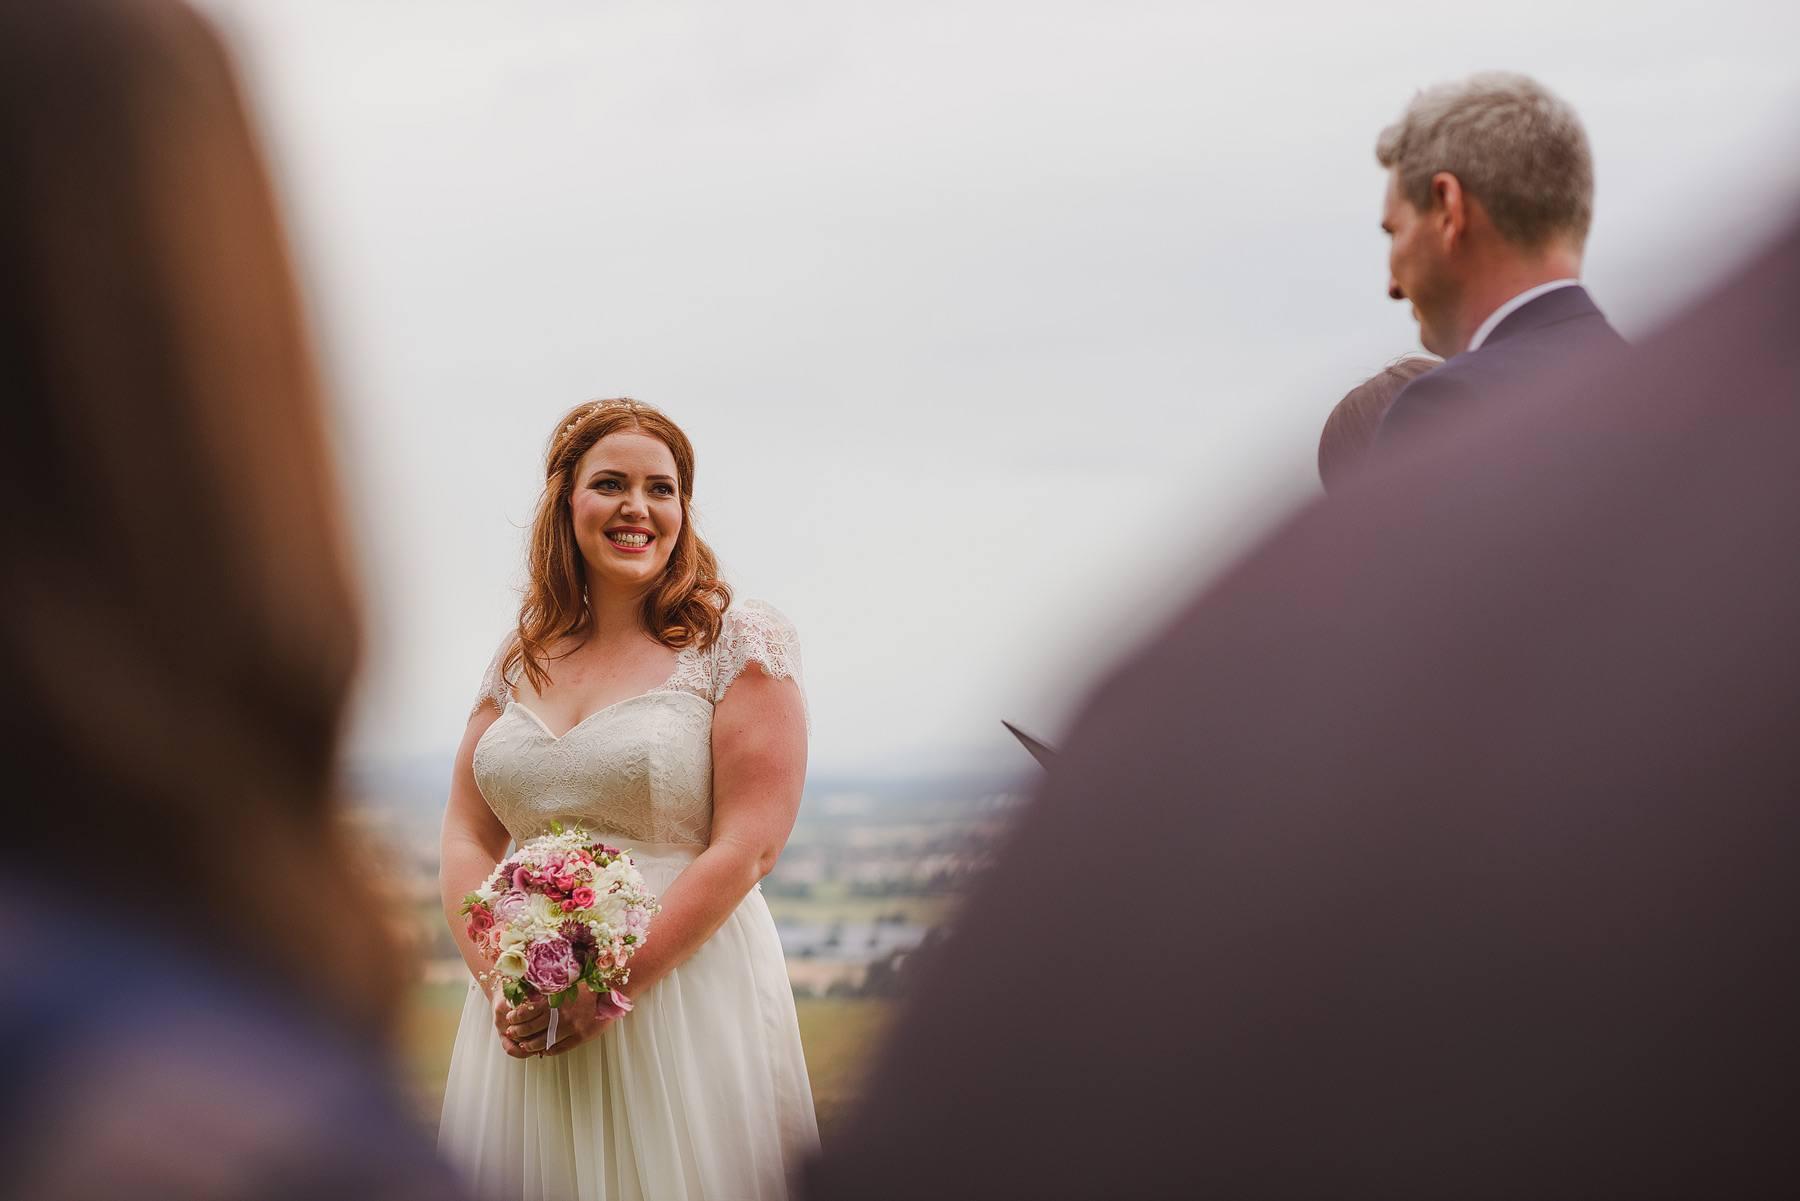 bride smiling at huntstile